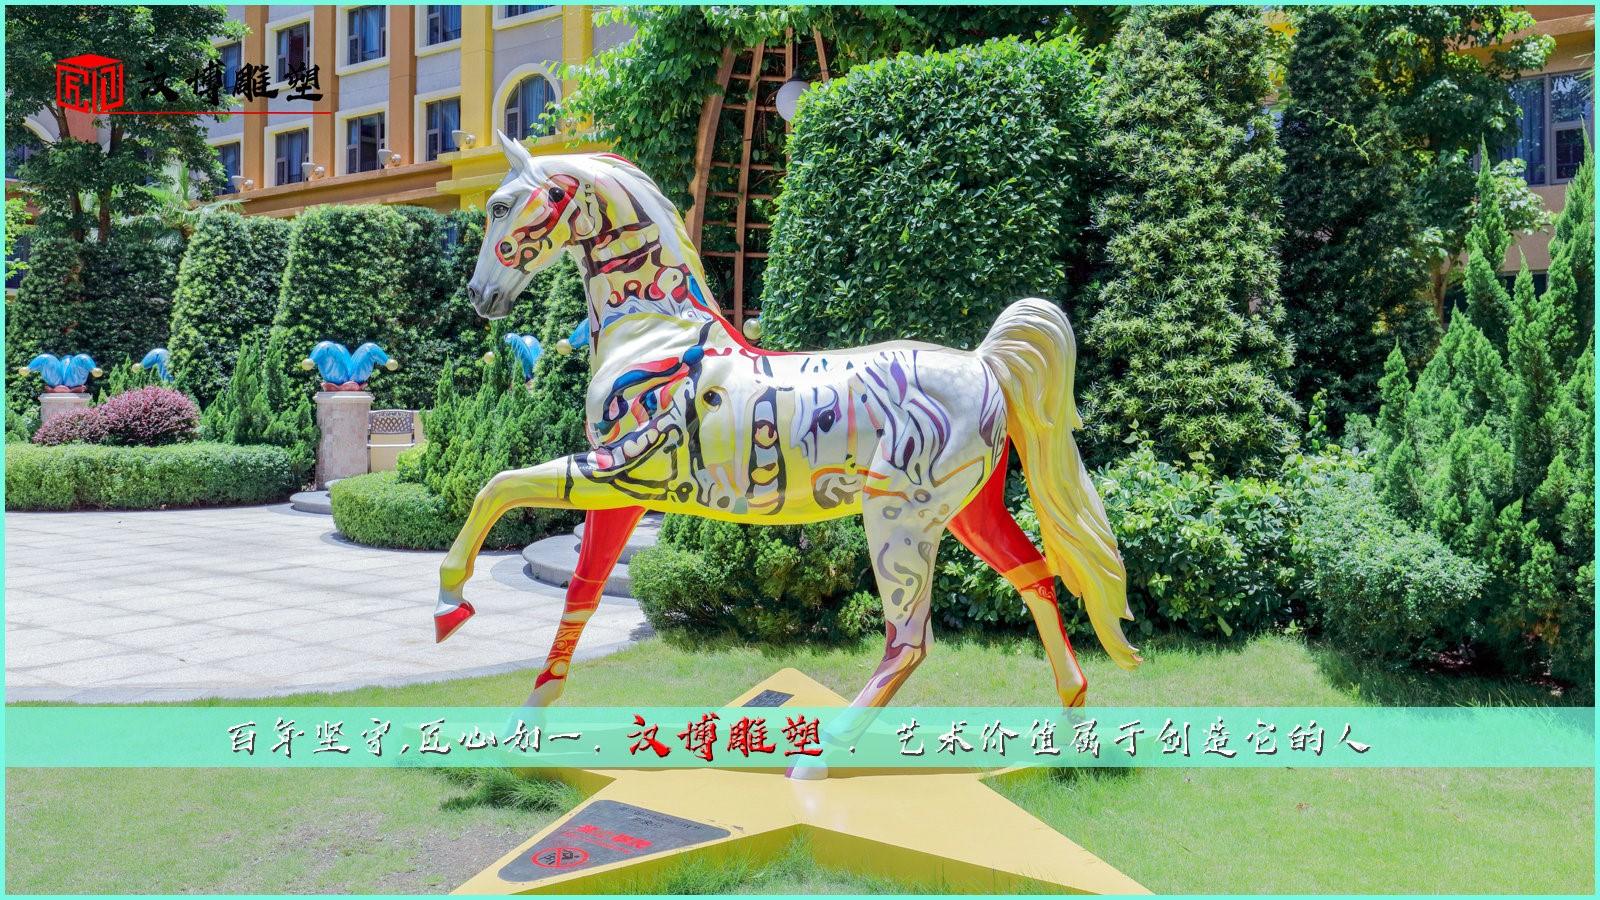 马艺术雕像,铁马冰河入梦来